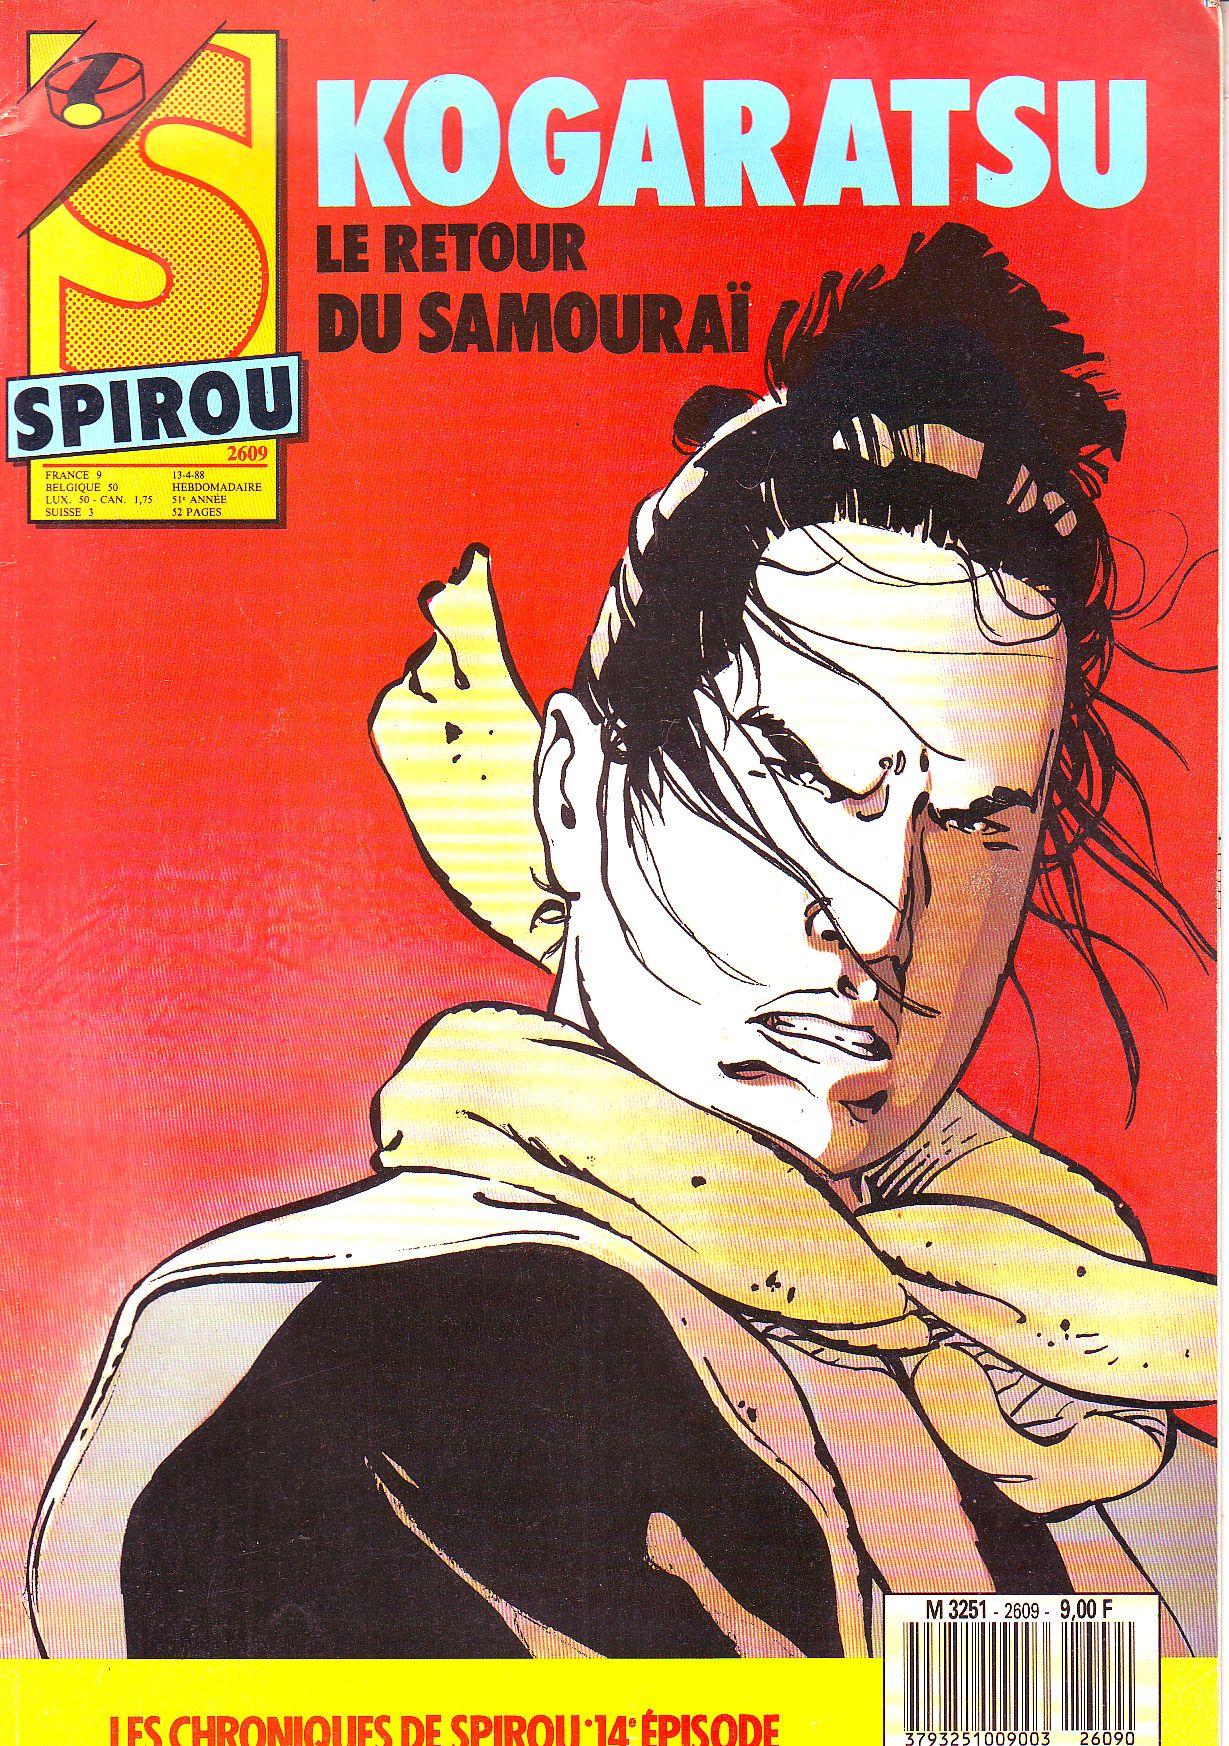 Le journal de Spirou 2609